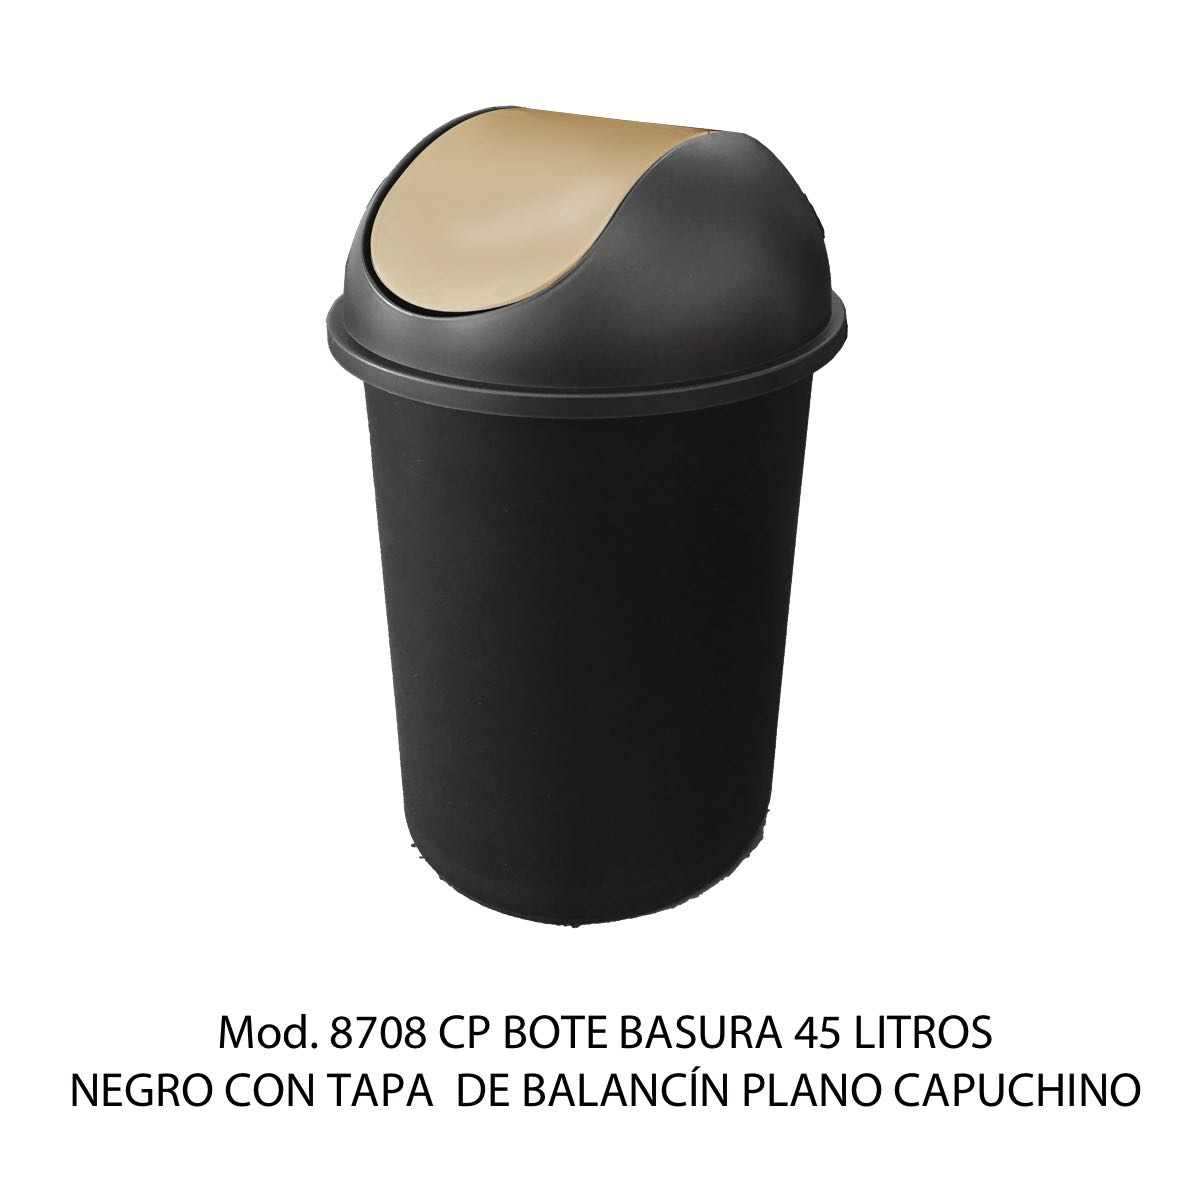 Bote de basura redondo negro de 45 litros con tapa capuchino tipo balancín liso modelo 8708 CP Sablón